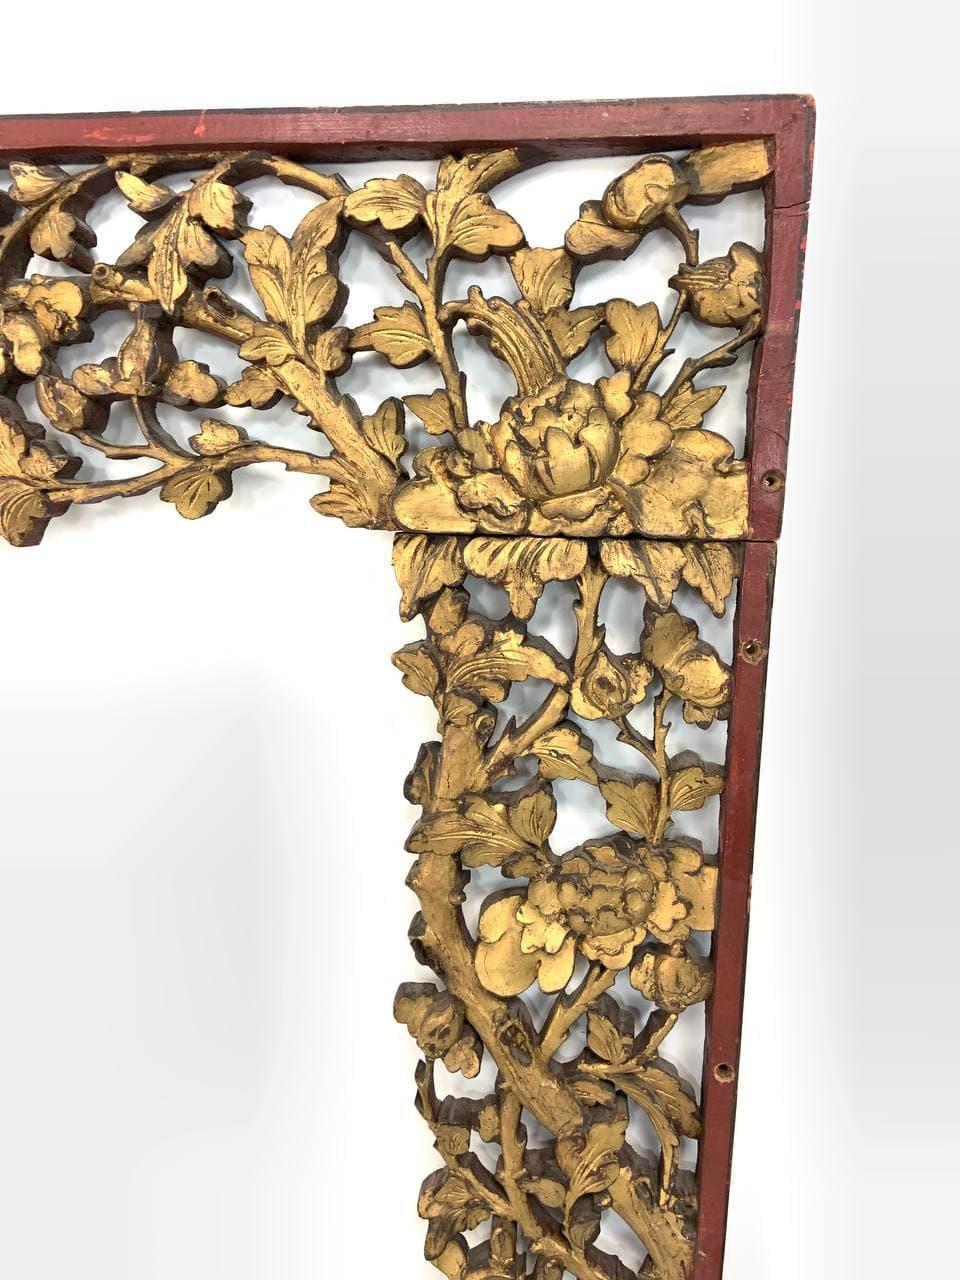 Антикварное резное обрамление в стиле Шинуазри